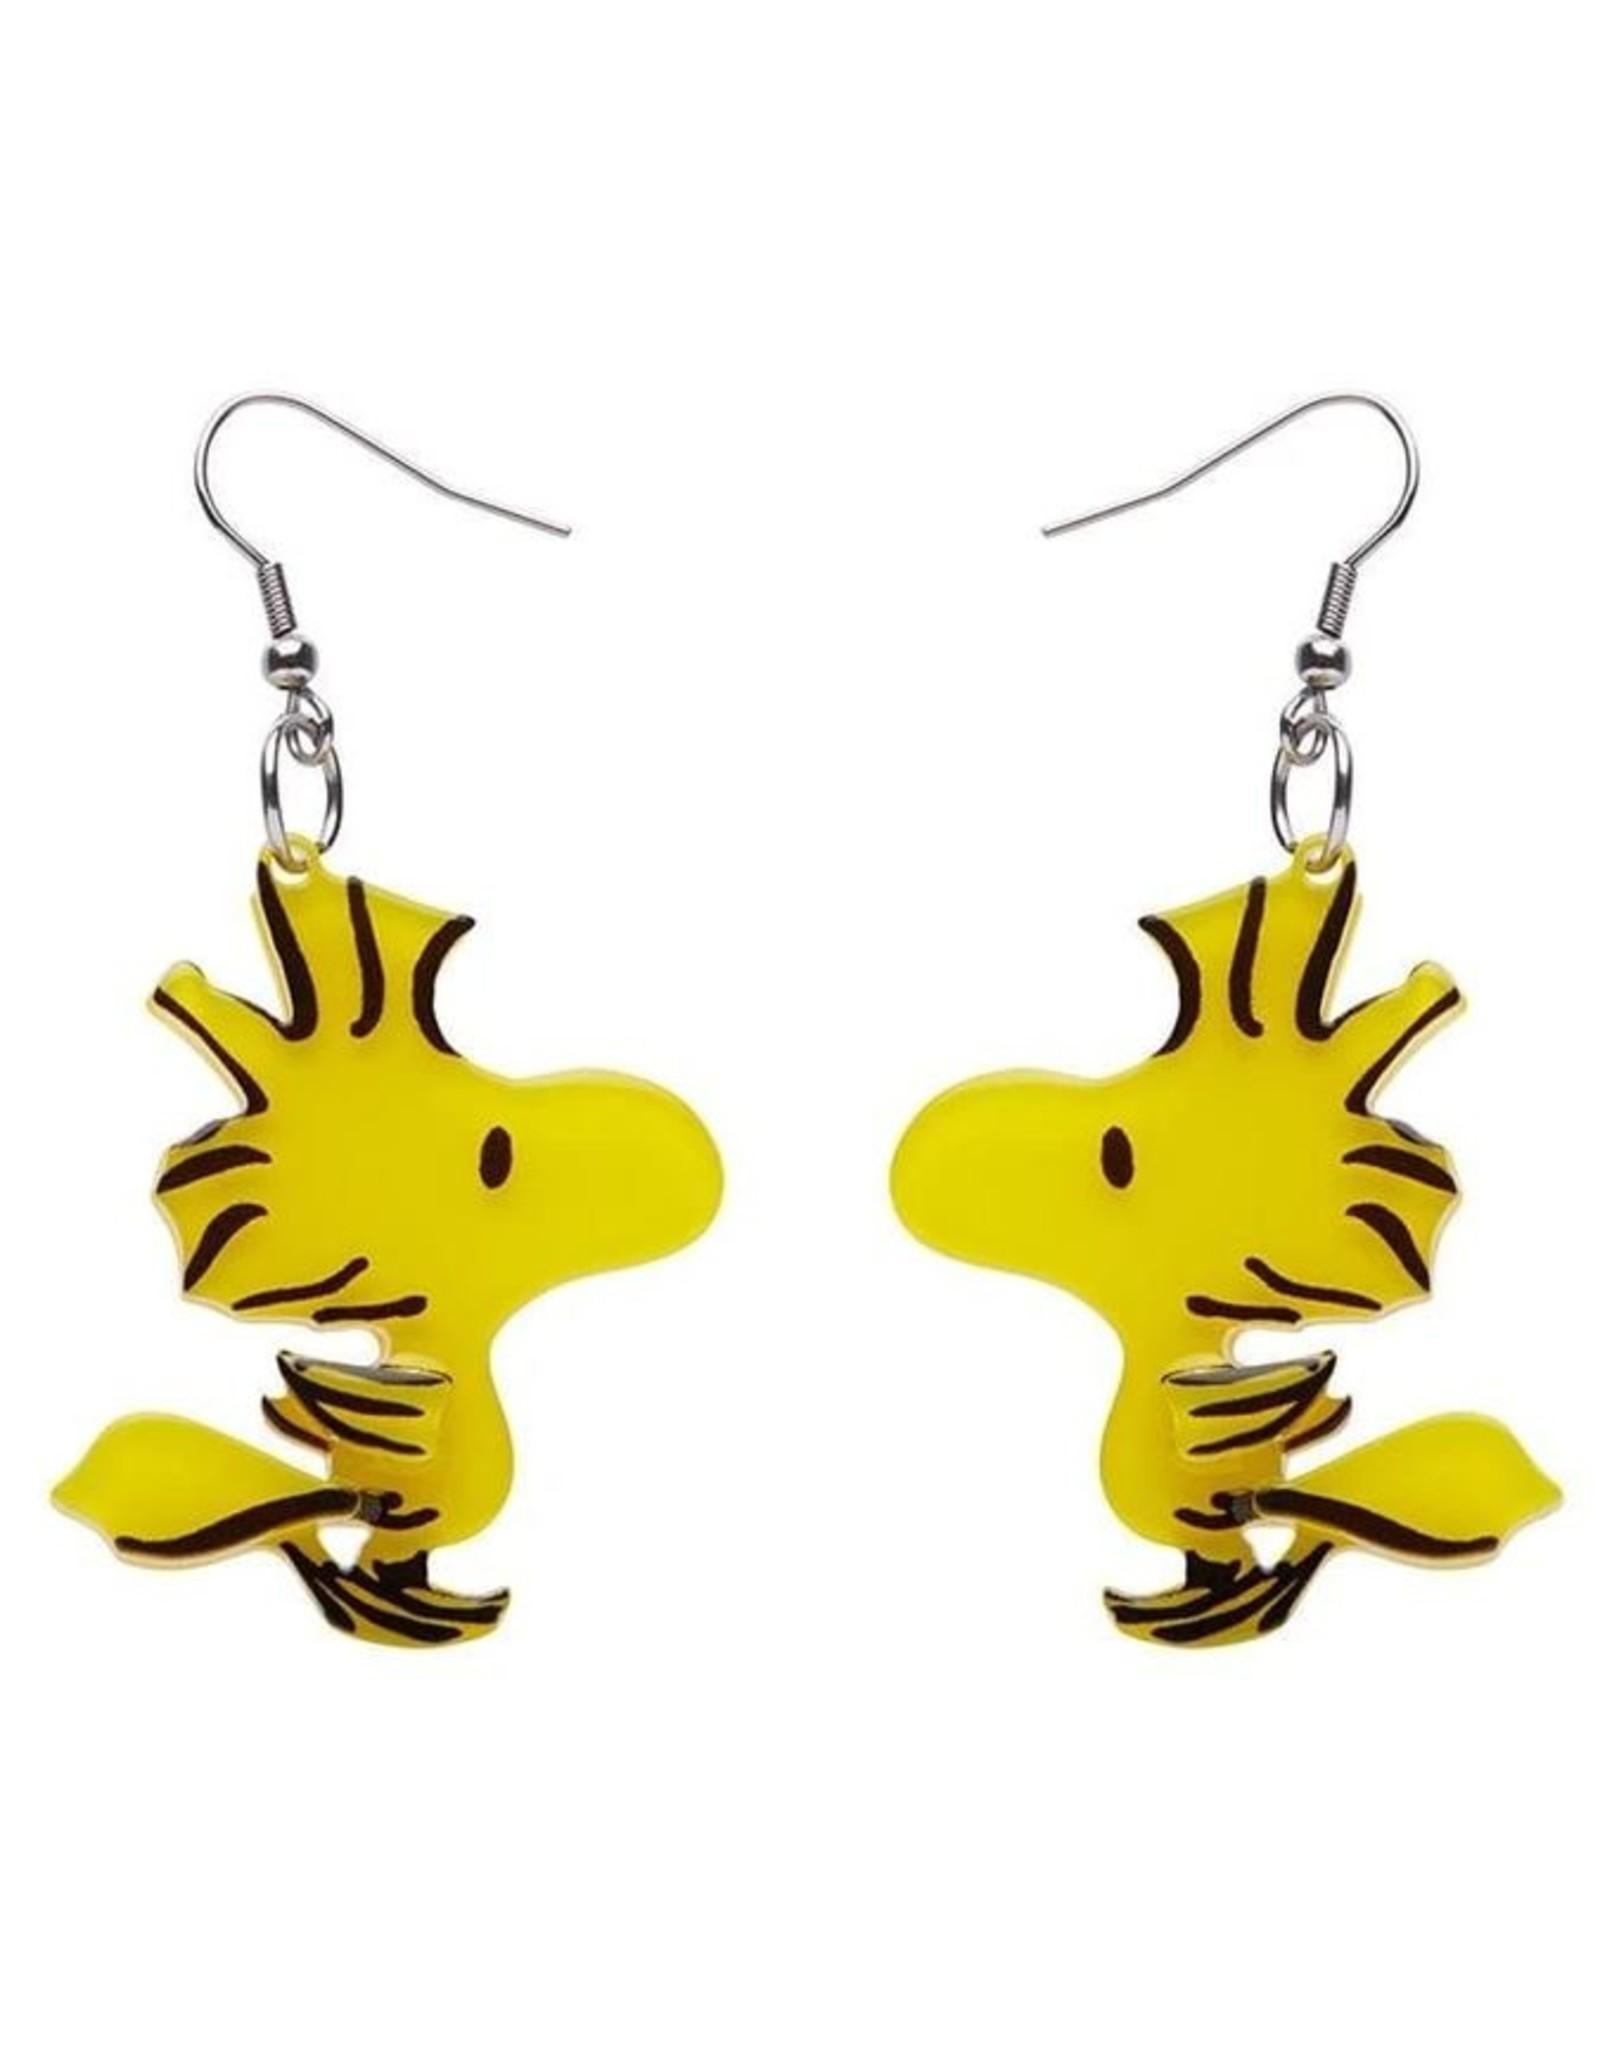 Erstwilder Erstwilder Peanuts Earrings